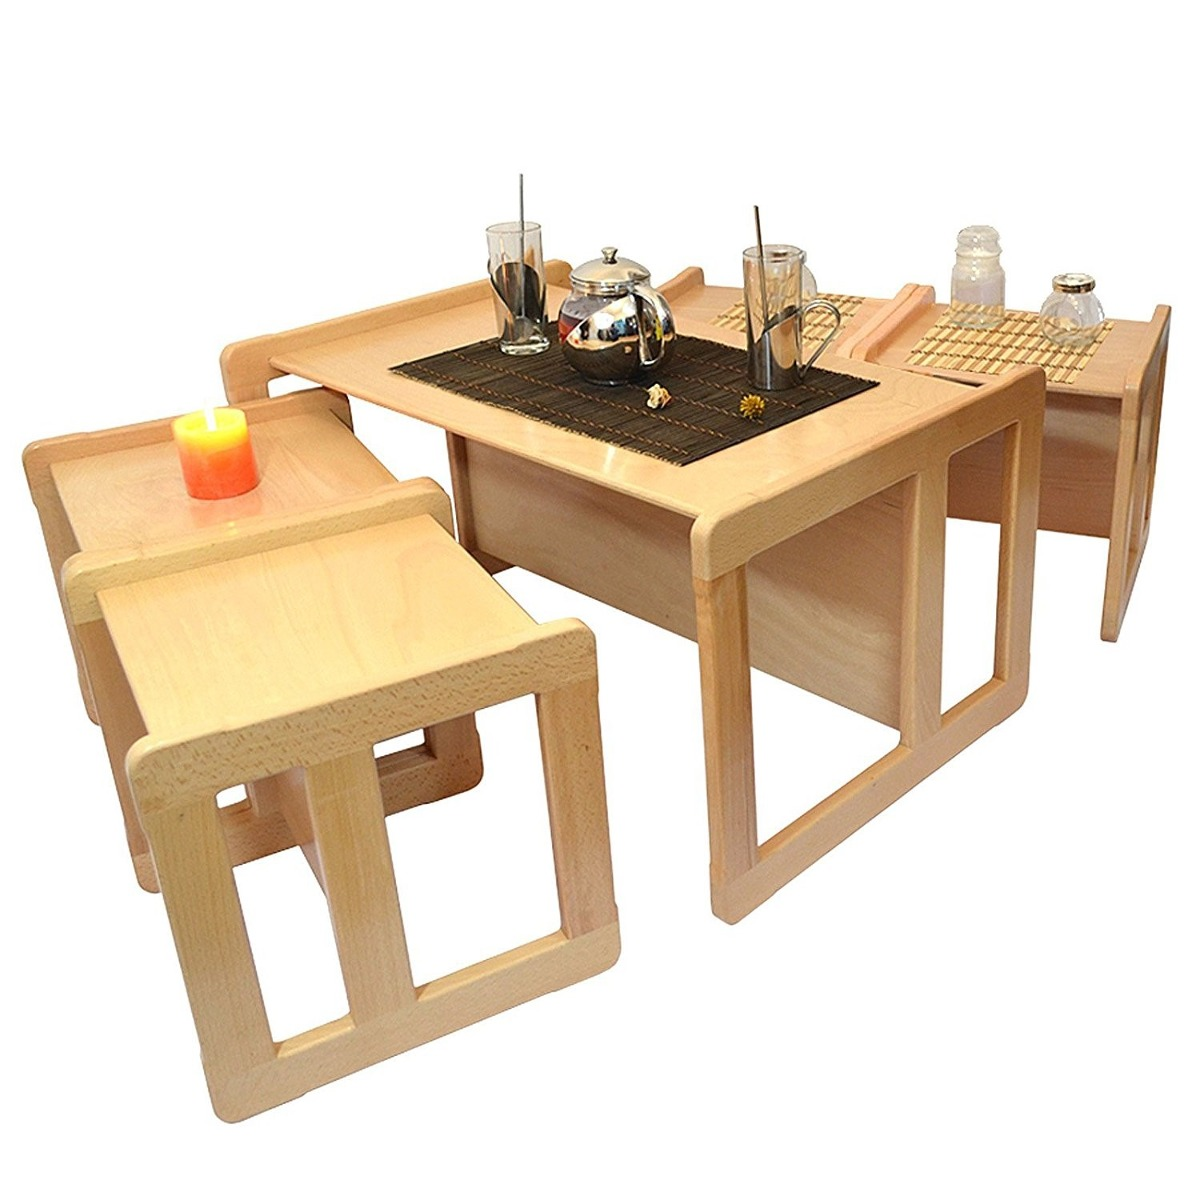 Mesas y sillas de comedor economicas imagen imagen en for Mesas y sillas de comedor economicas